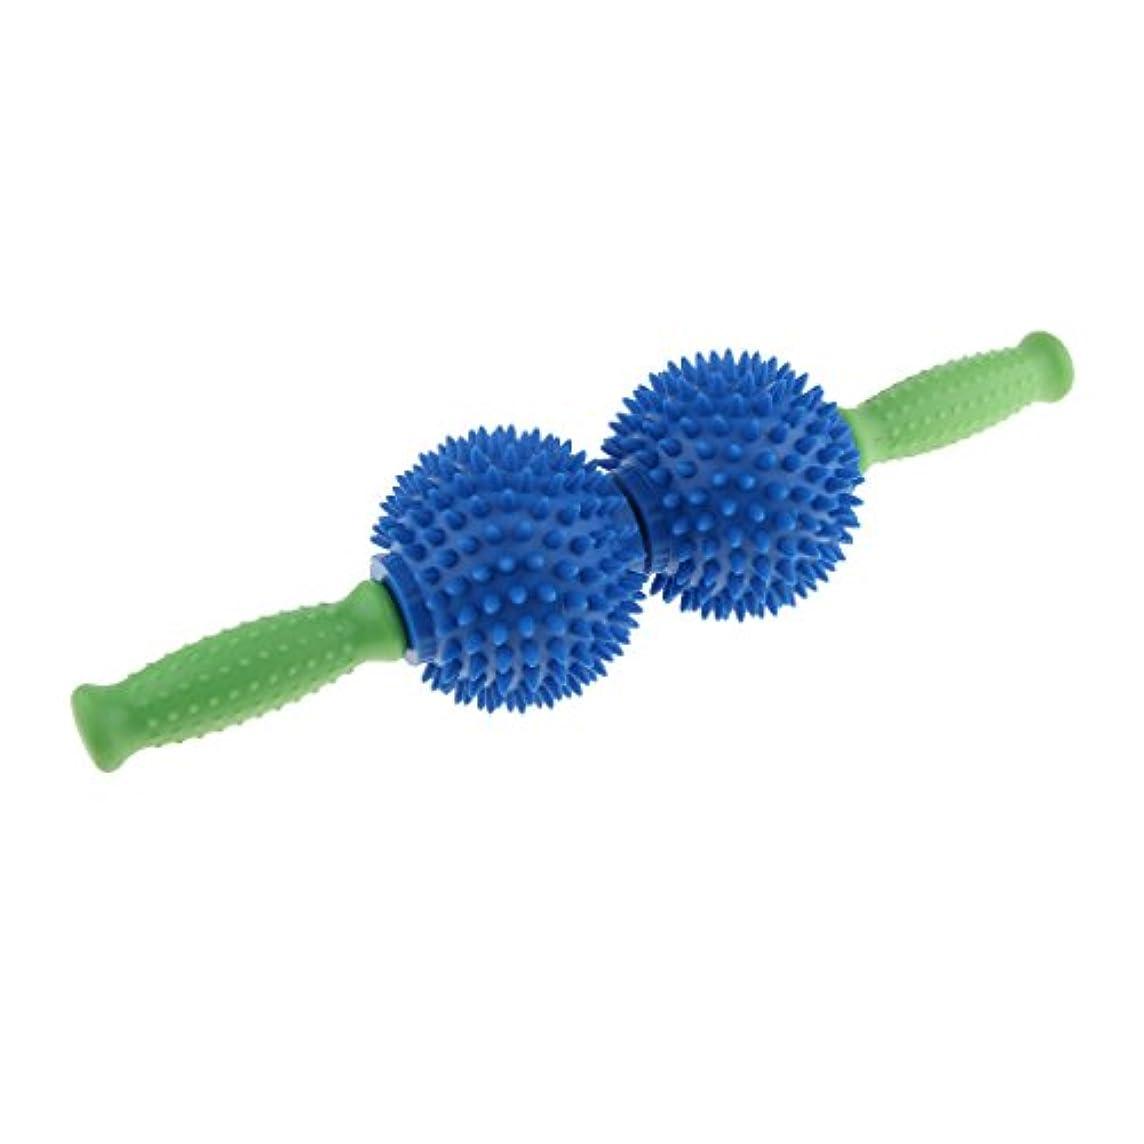 有毒なシーン協力するchiwanji マッサージローラー マッサージボール スティックローラー 筋肉 エクササイズ 用品